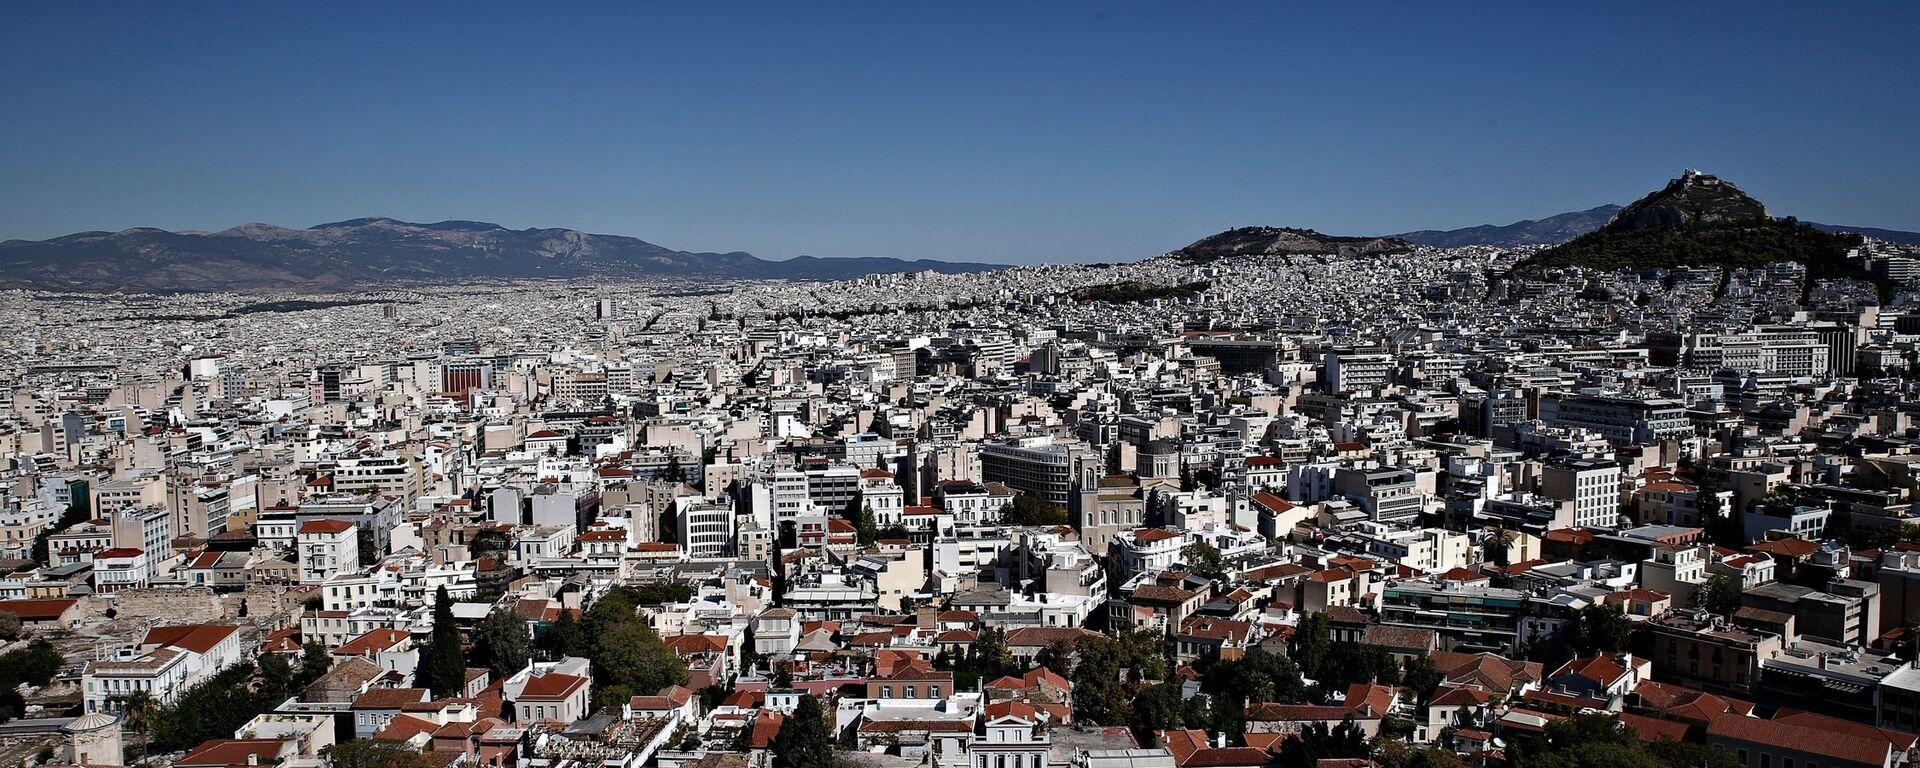 Πανοραμική όψη της Αθήνας - Sputnik Ελλάδα, 1920, 17.09.2021